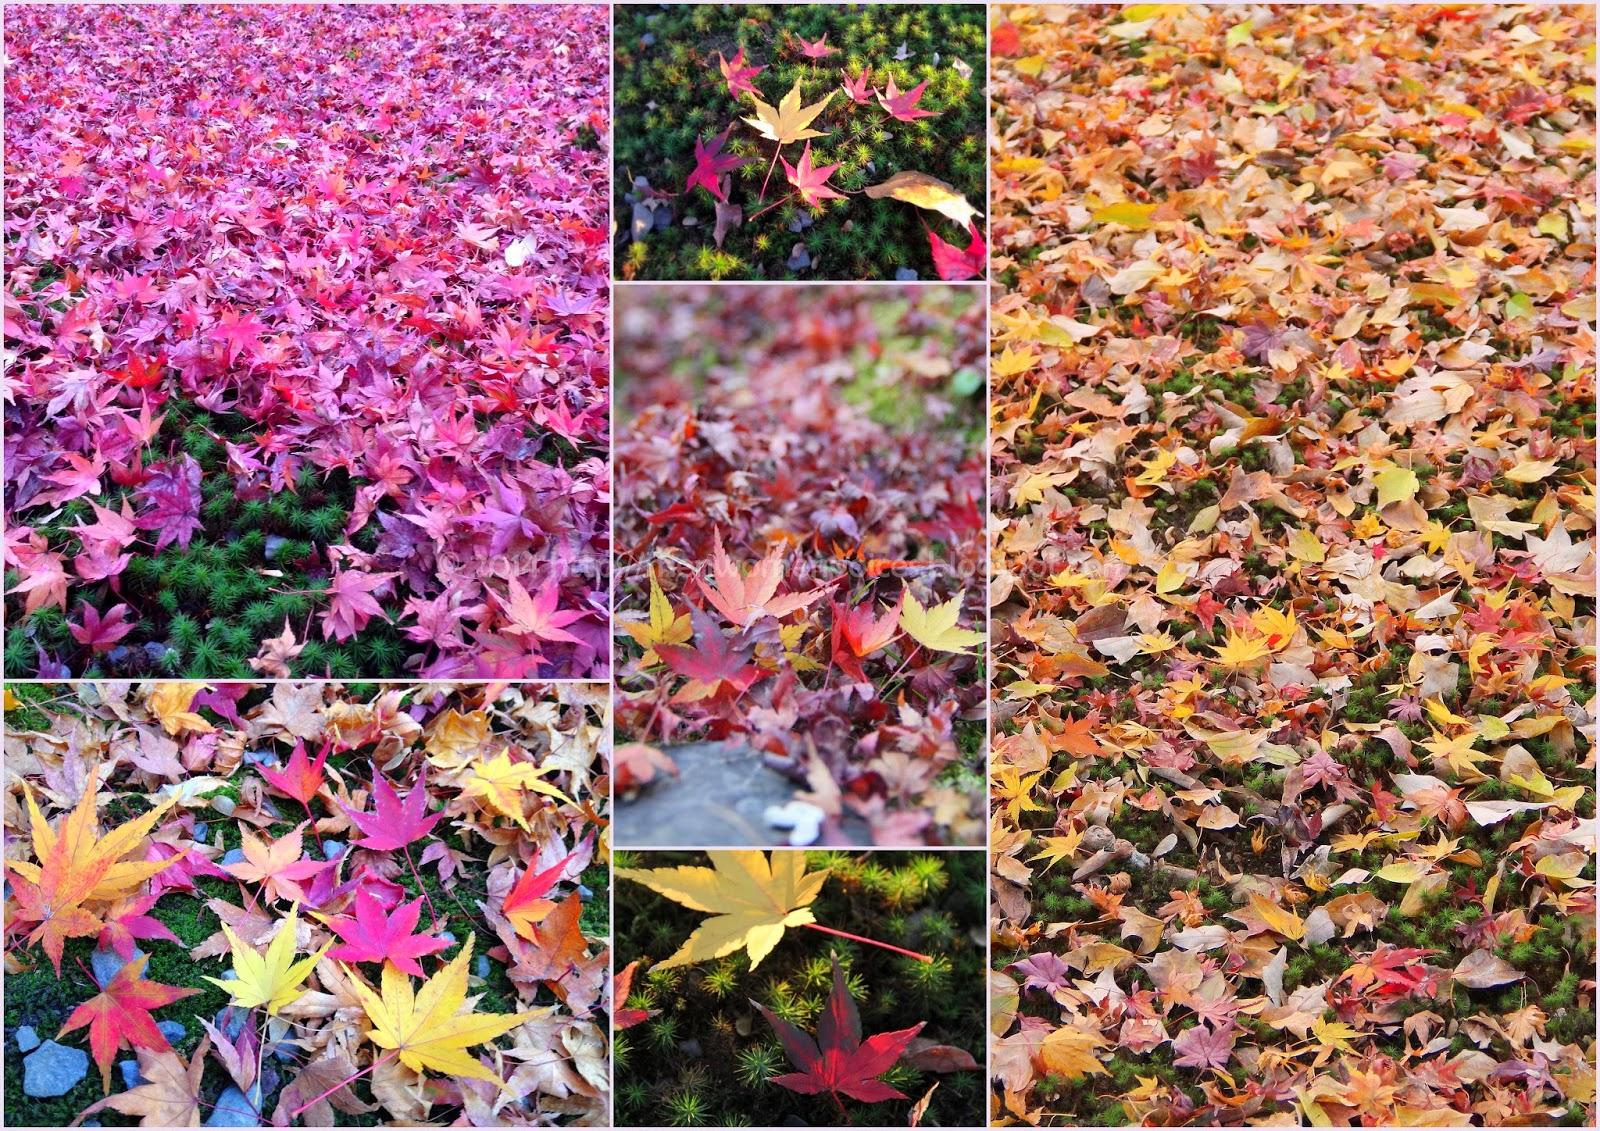 http://menwomenvoices.blogspot.com/2014/01/tofukuji-temple-kyoto-japan.html